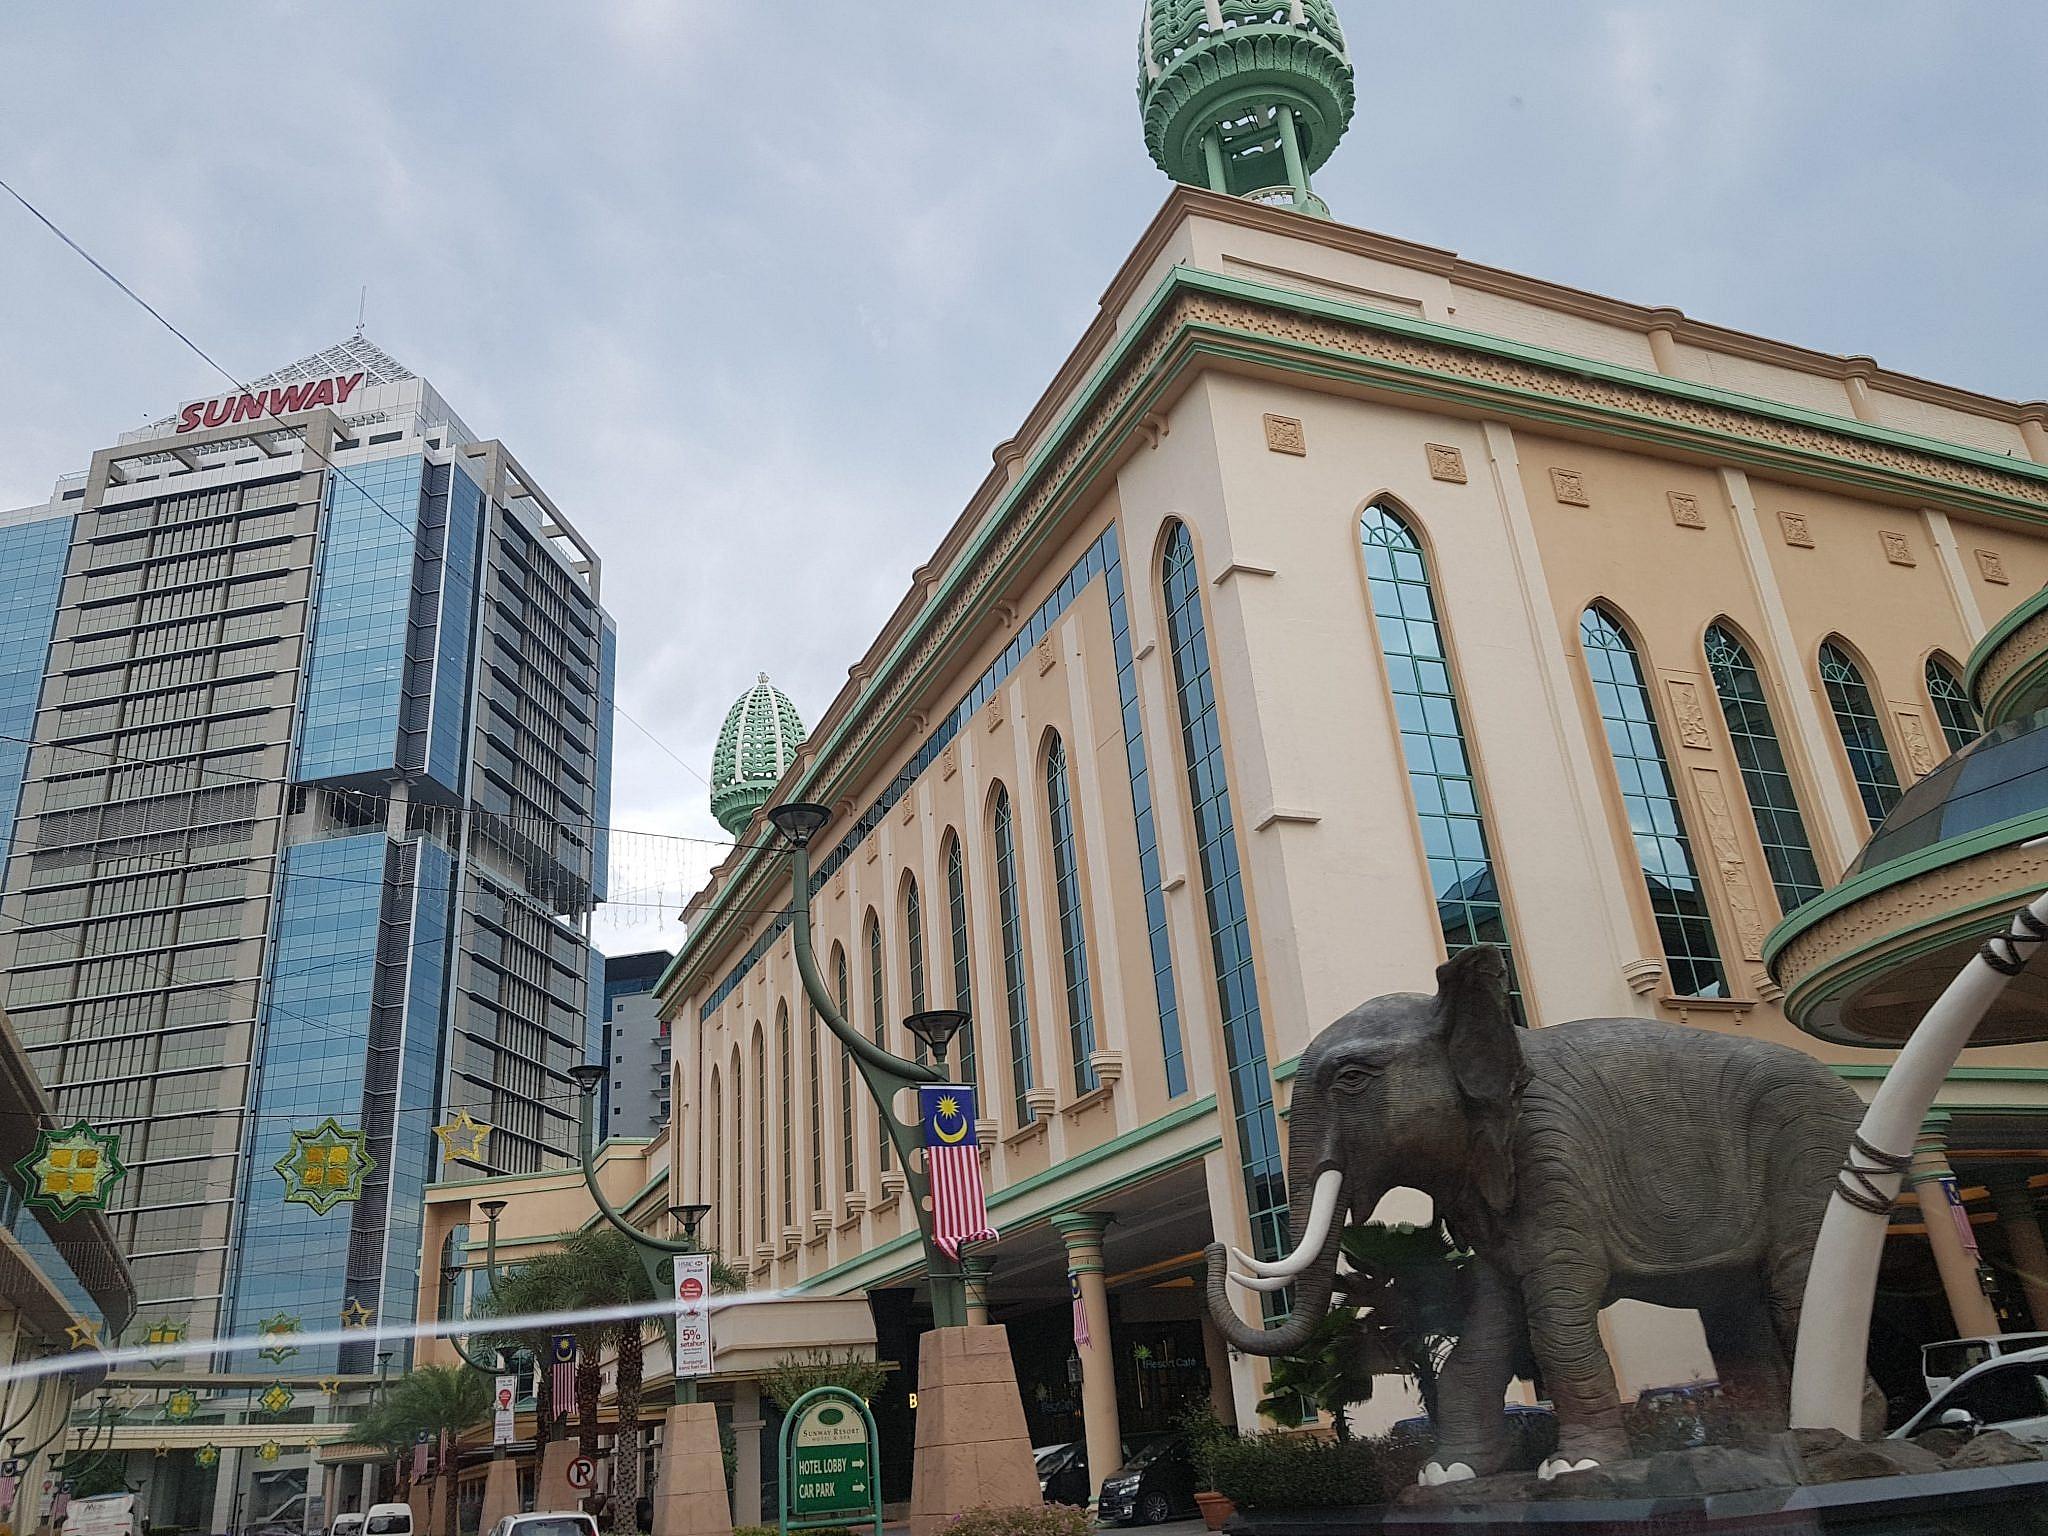 ماليزيا: تجربتي مع فندق صن واي ريزورت في سيلانجور